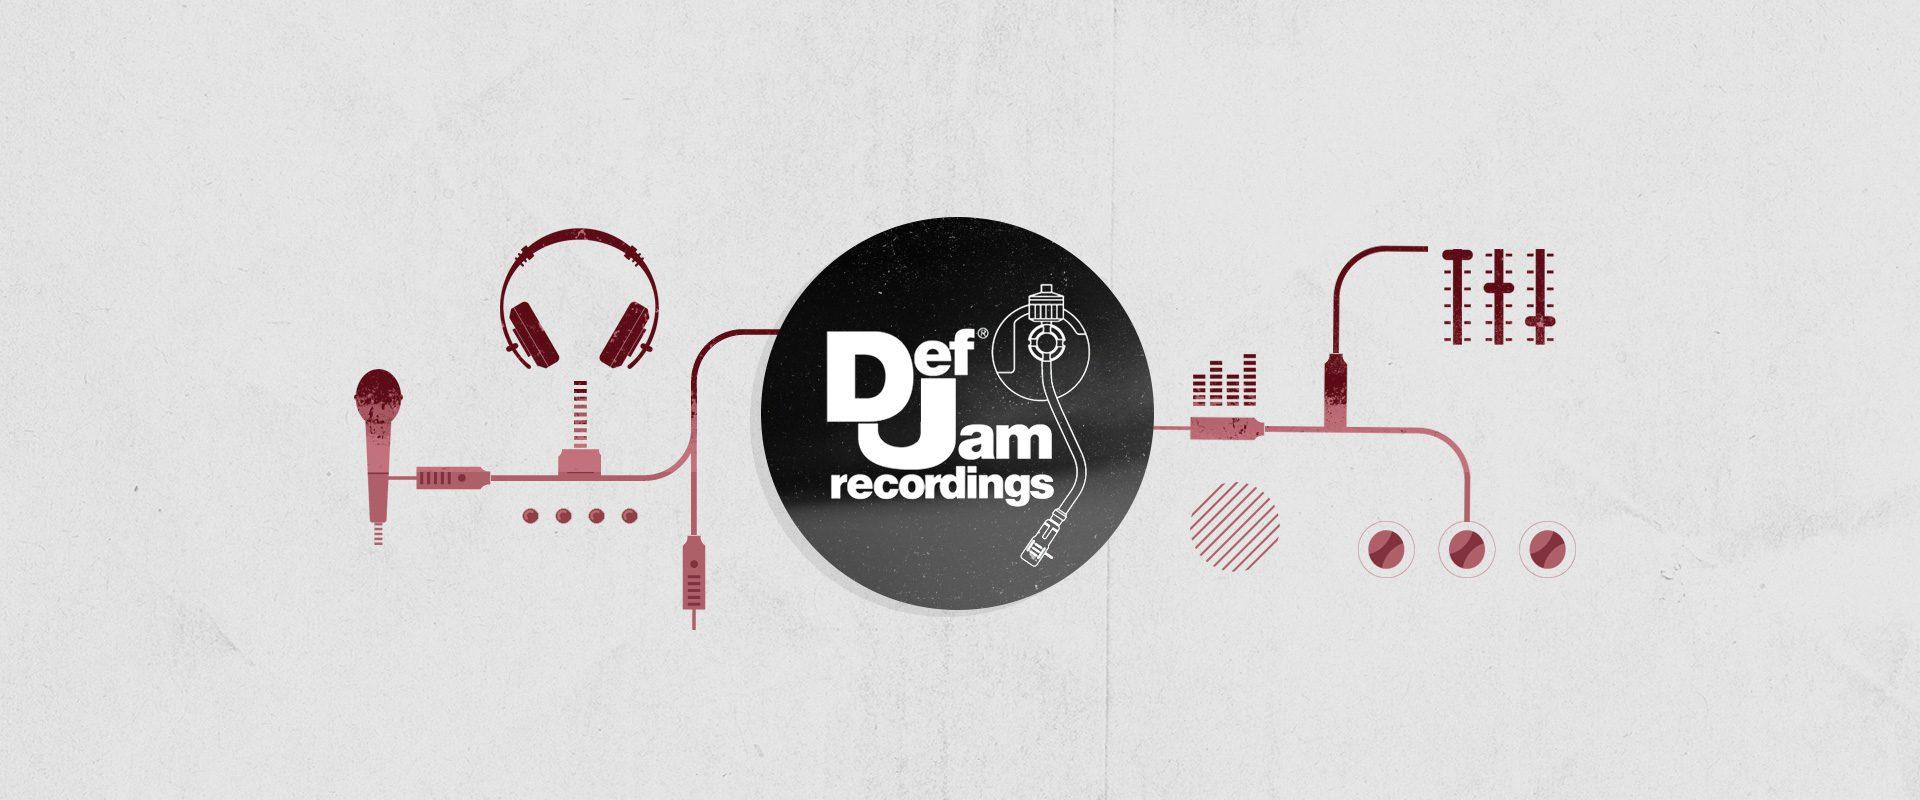 def jam recordings visual